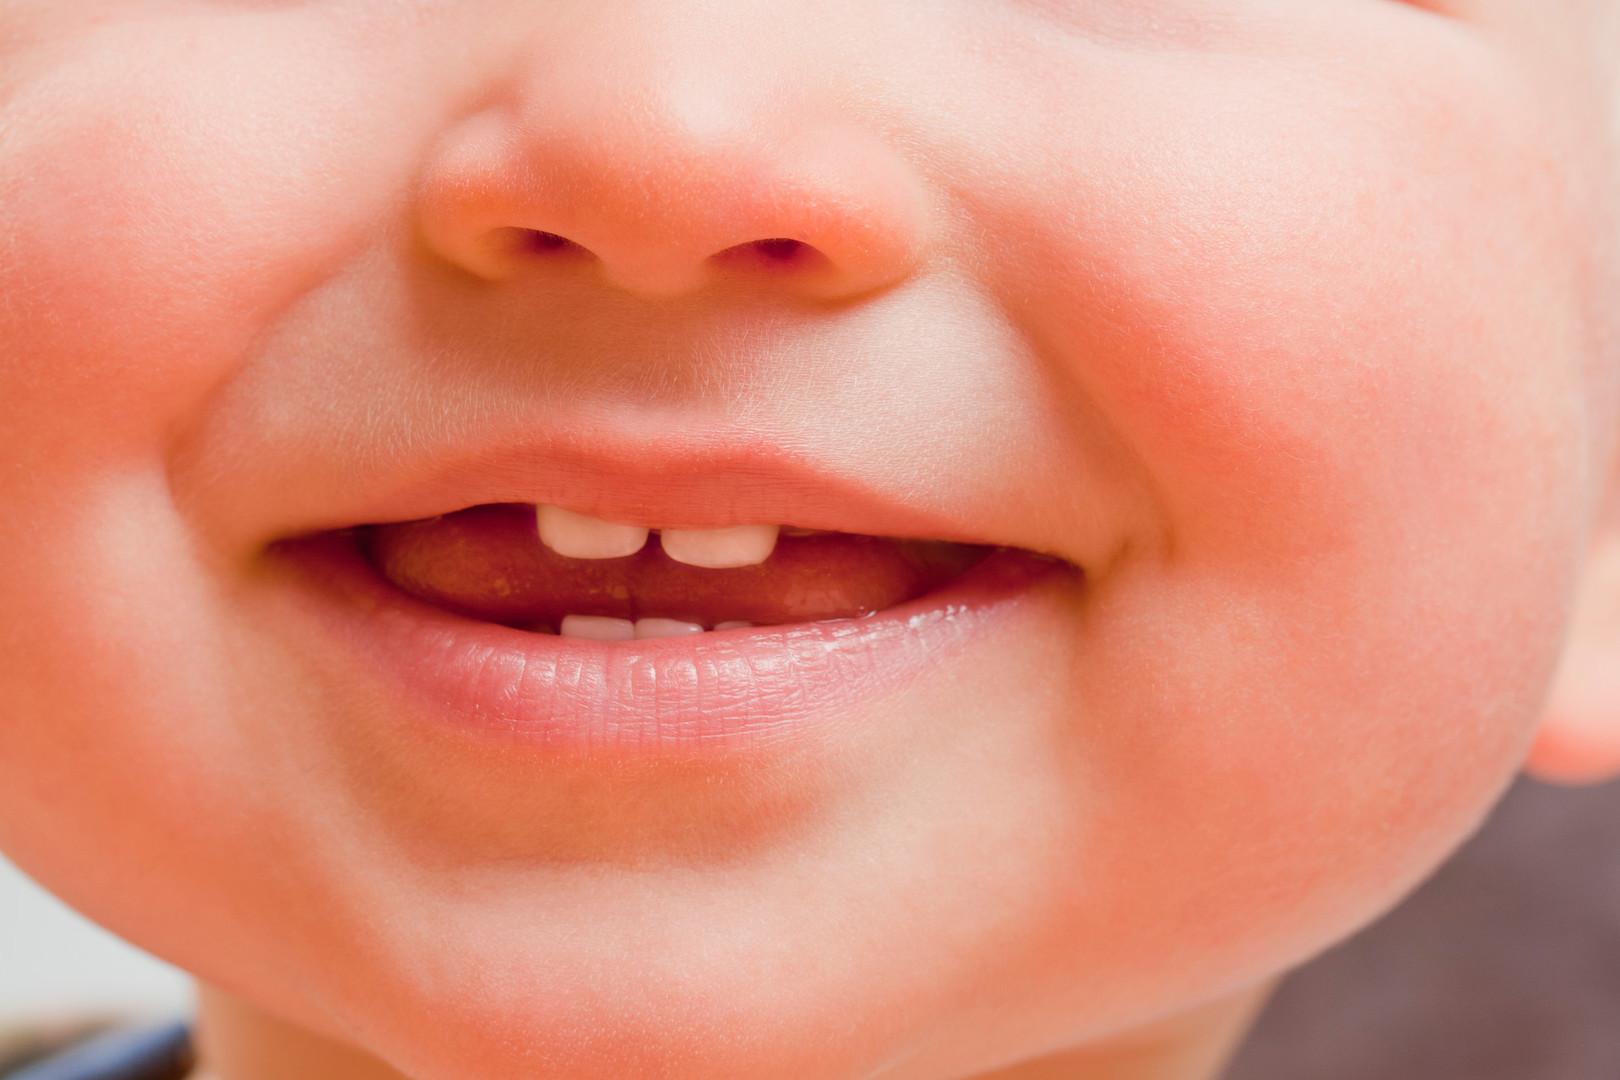 Zahnarzt Kinder - Mund-Kiefer-Gesichtschirurgie Dorsten